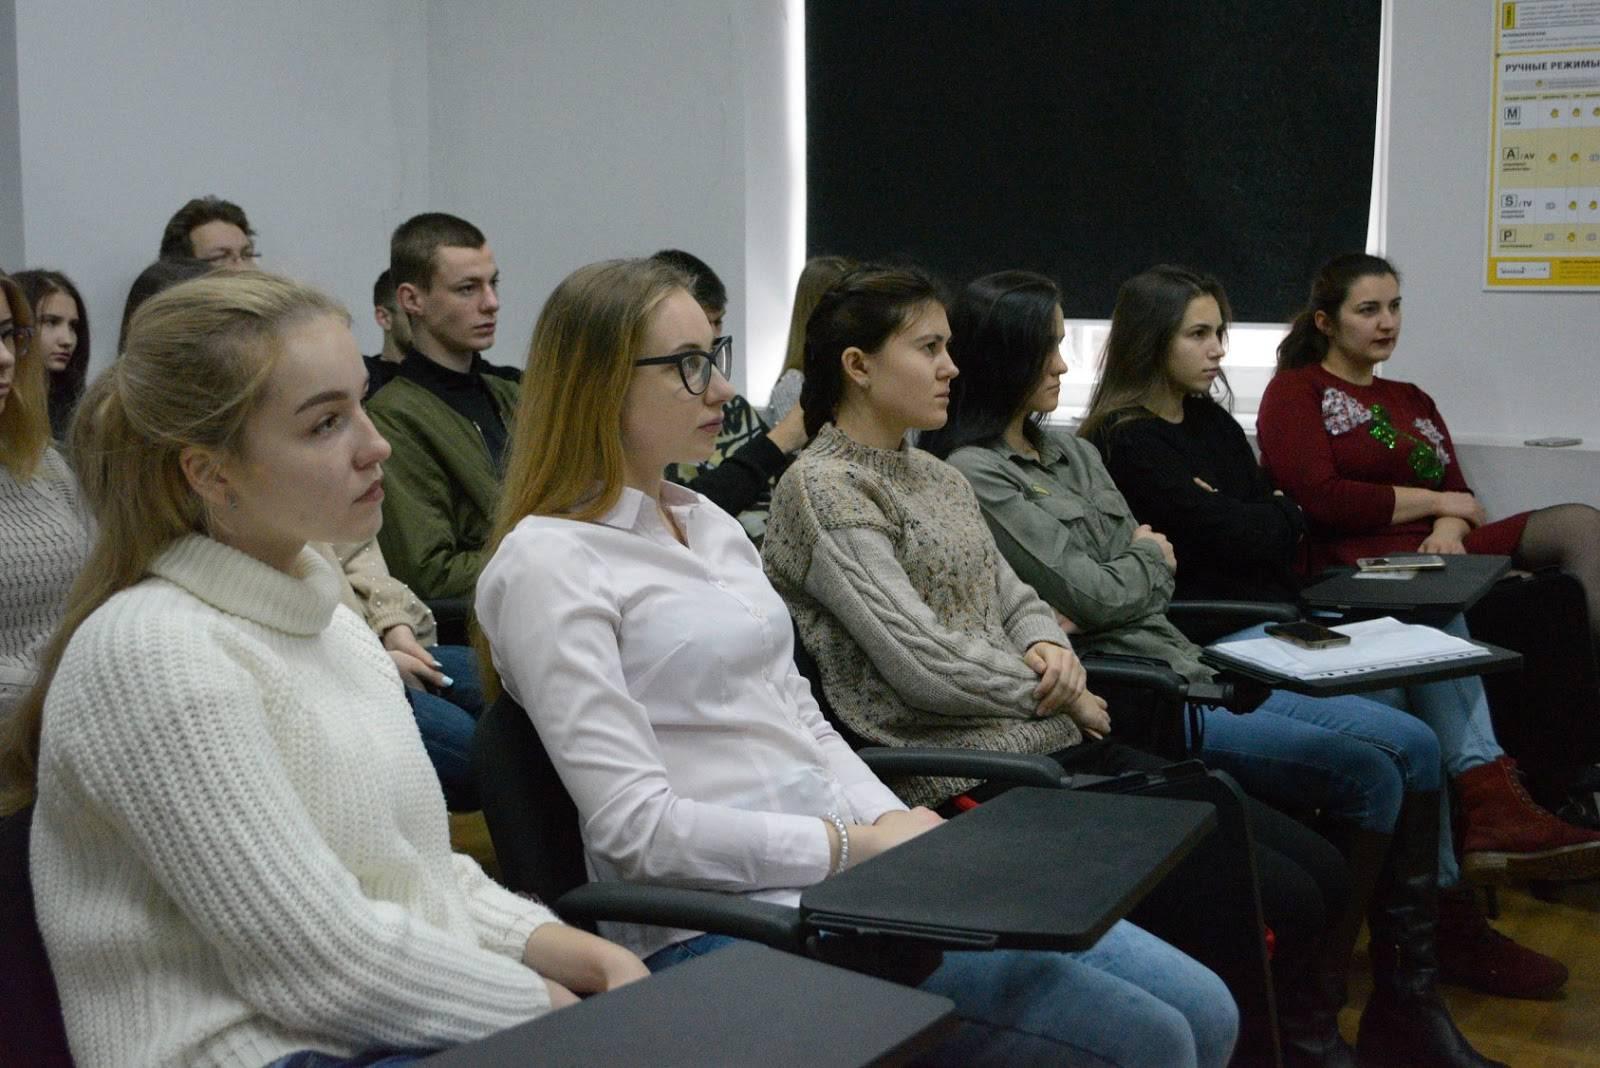 100 запретных слов появятся на книжной ярмарке Руфеста-2019